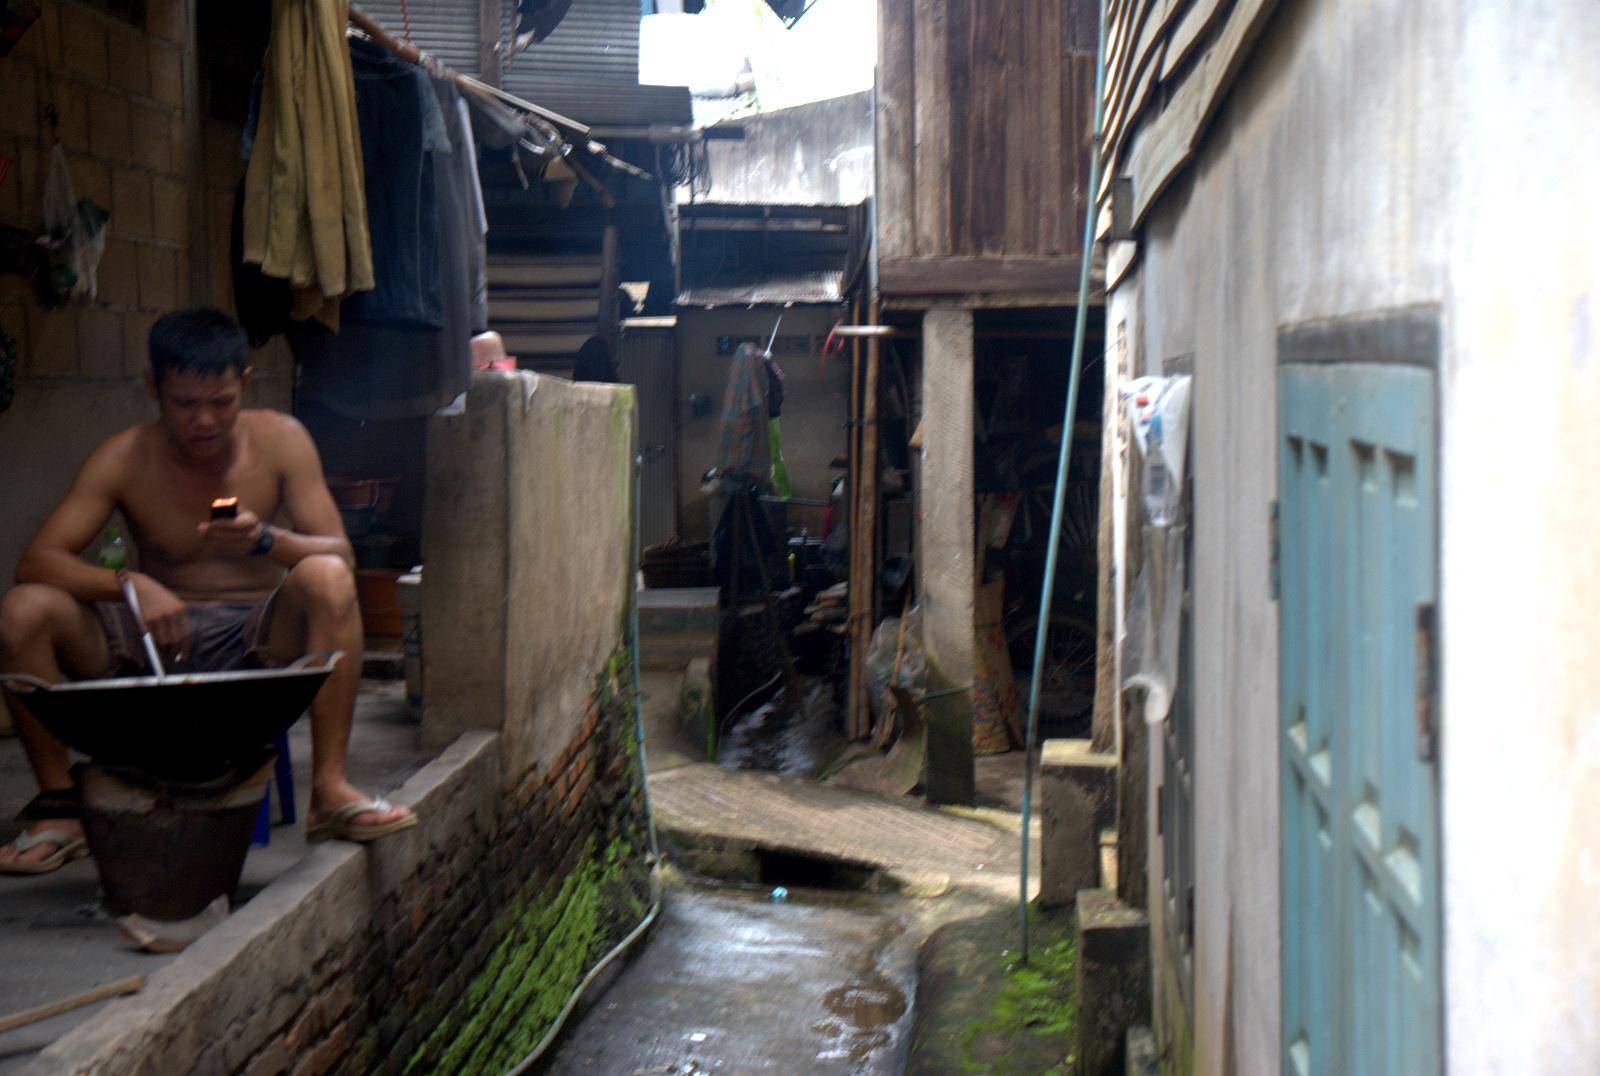 Zaliczyć Birmę, spróbować kasztanów i uciec przed powodzią 124